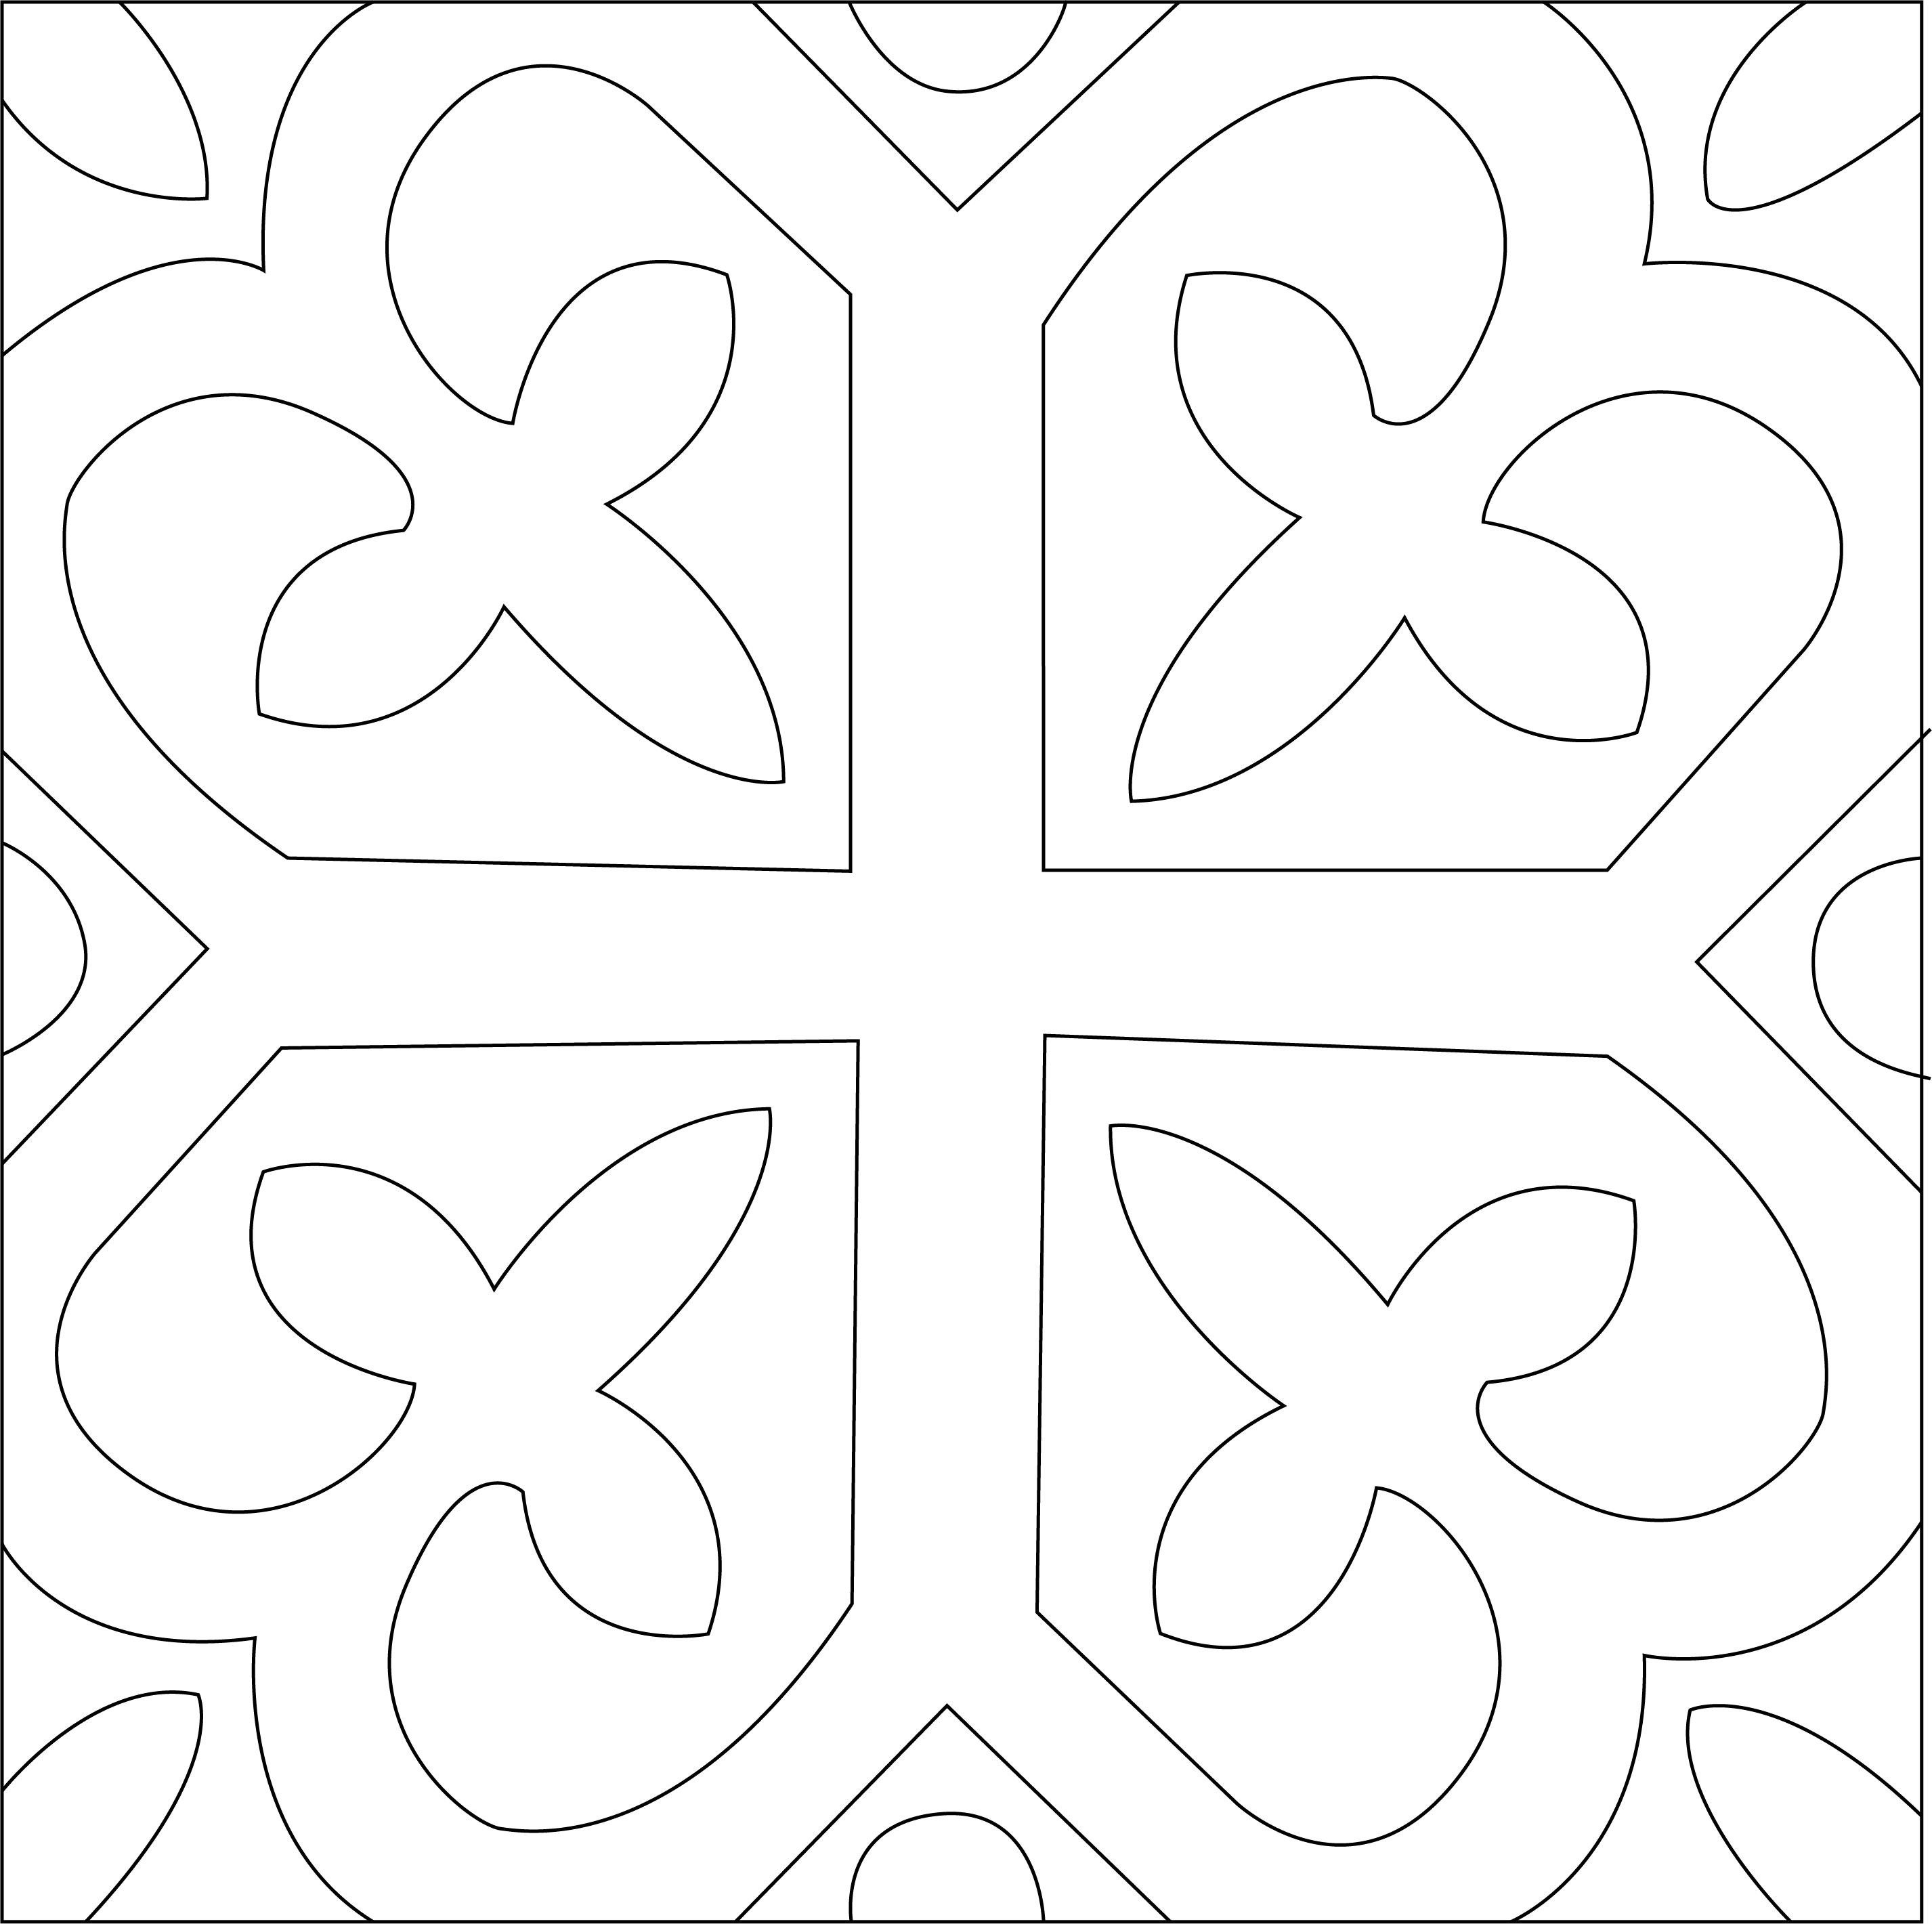 Spanische fliesen designfliesen diy pinterest patterns